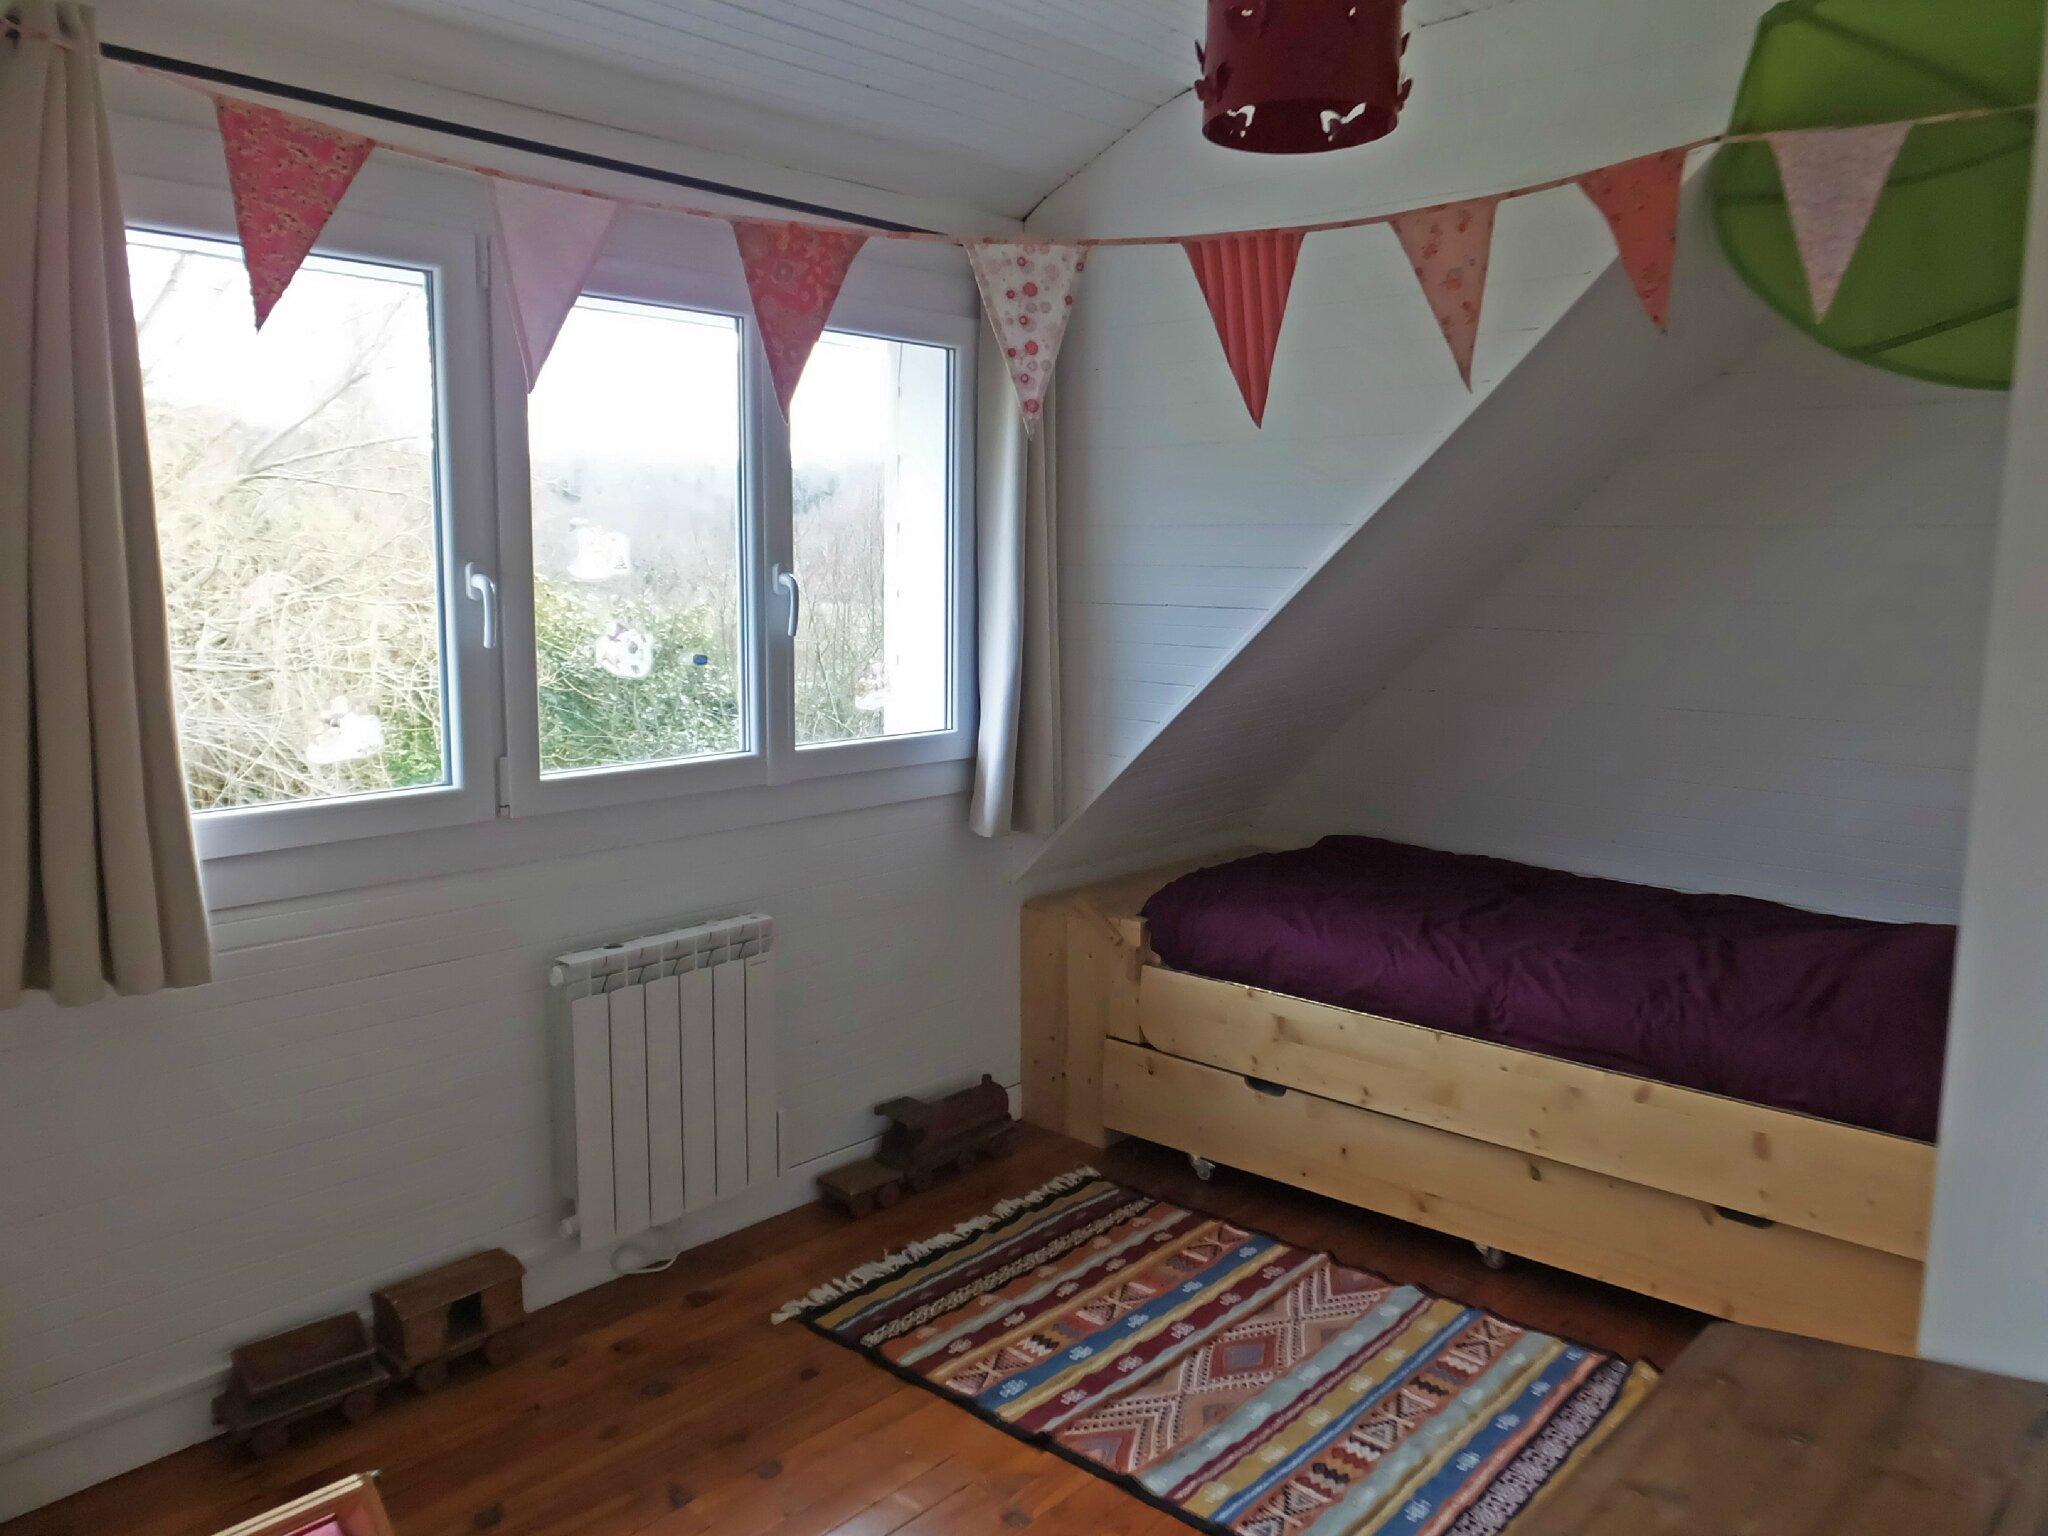 Chambre n 3 petite chambre une maison louer en bretagne - Maison a louer en bretagne ...